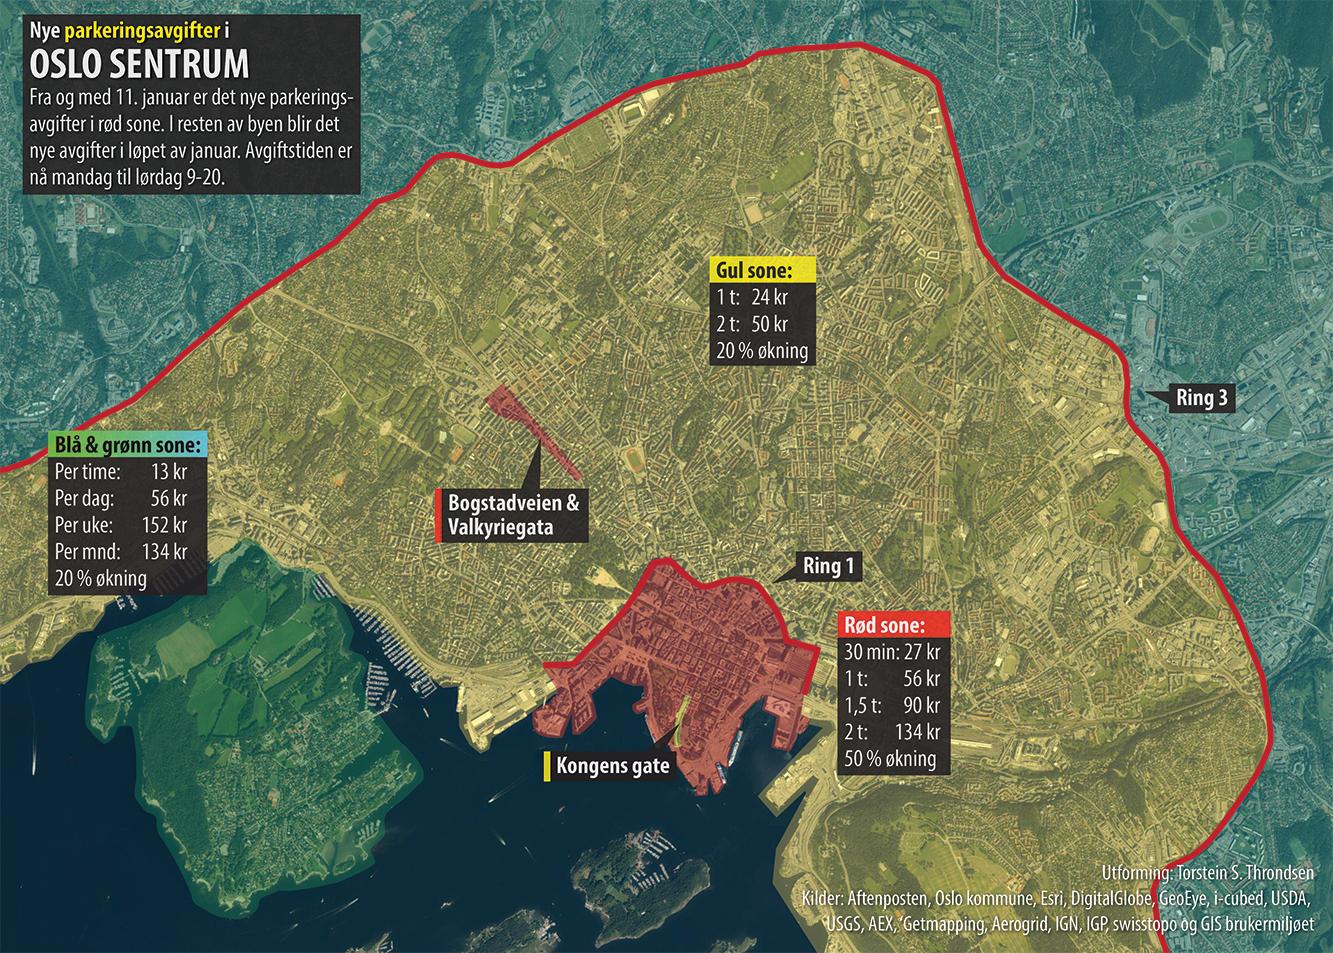 aftenposten kart Kart og grafer om alt: Dyrere å parkere i Oslo aftenposten kart